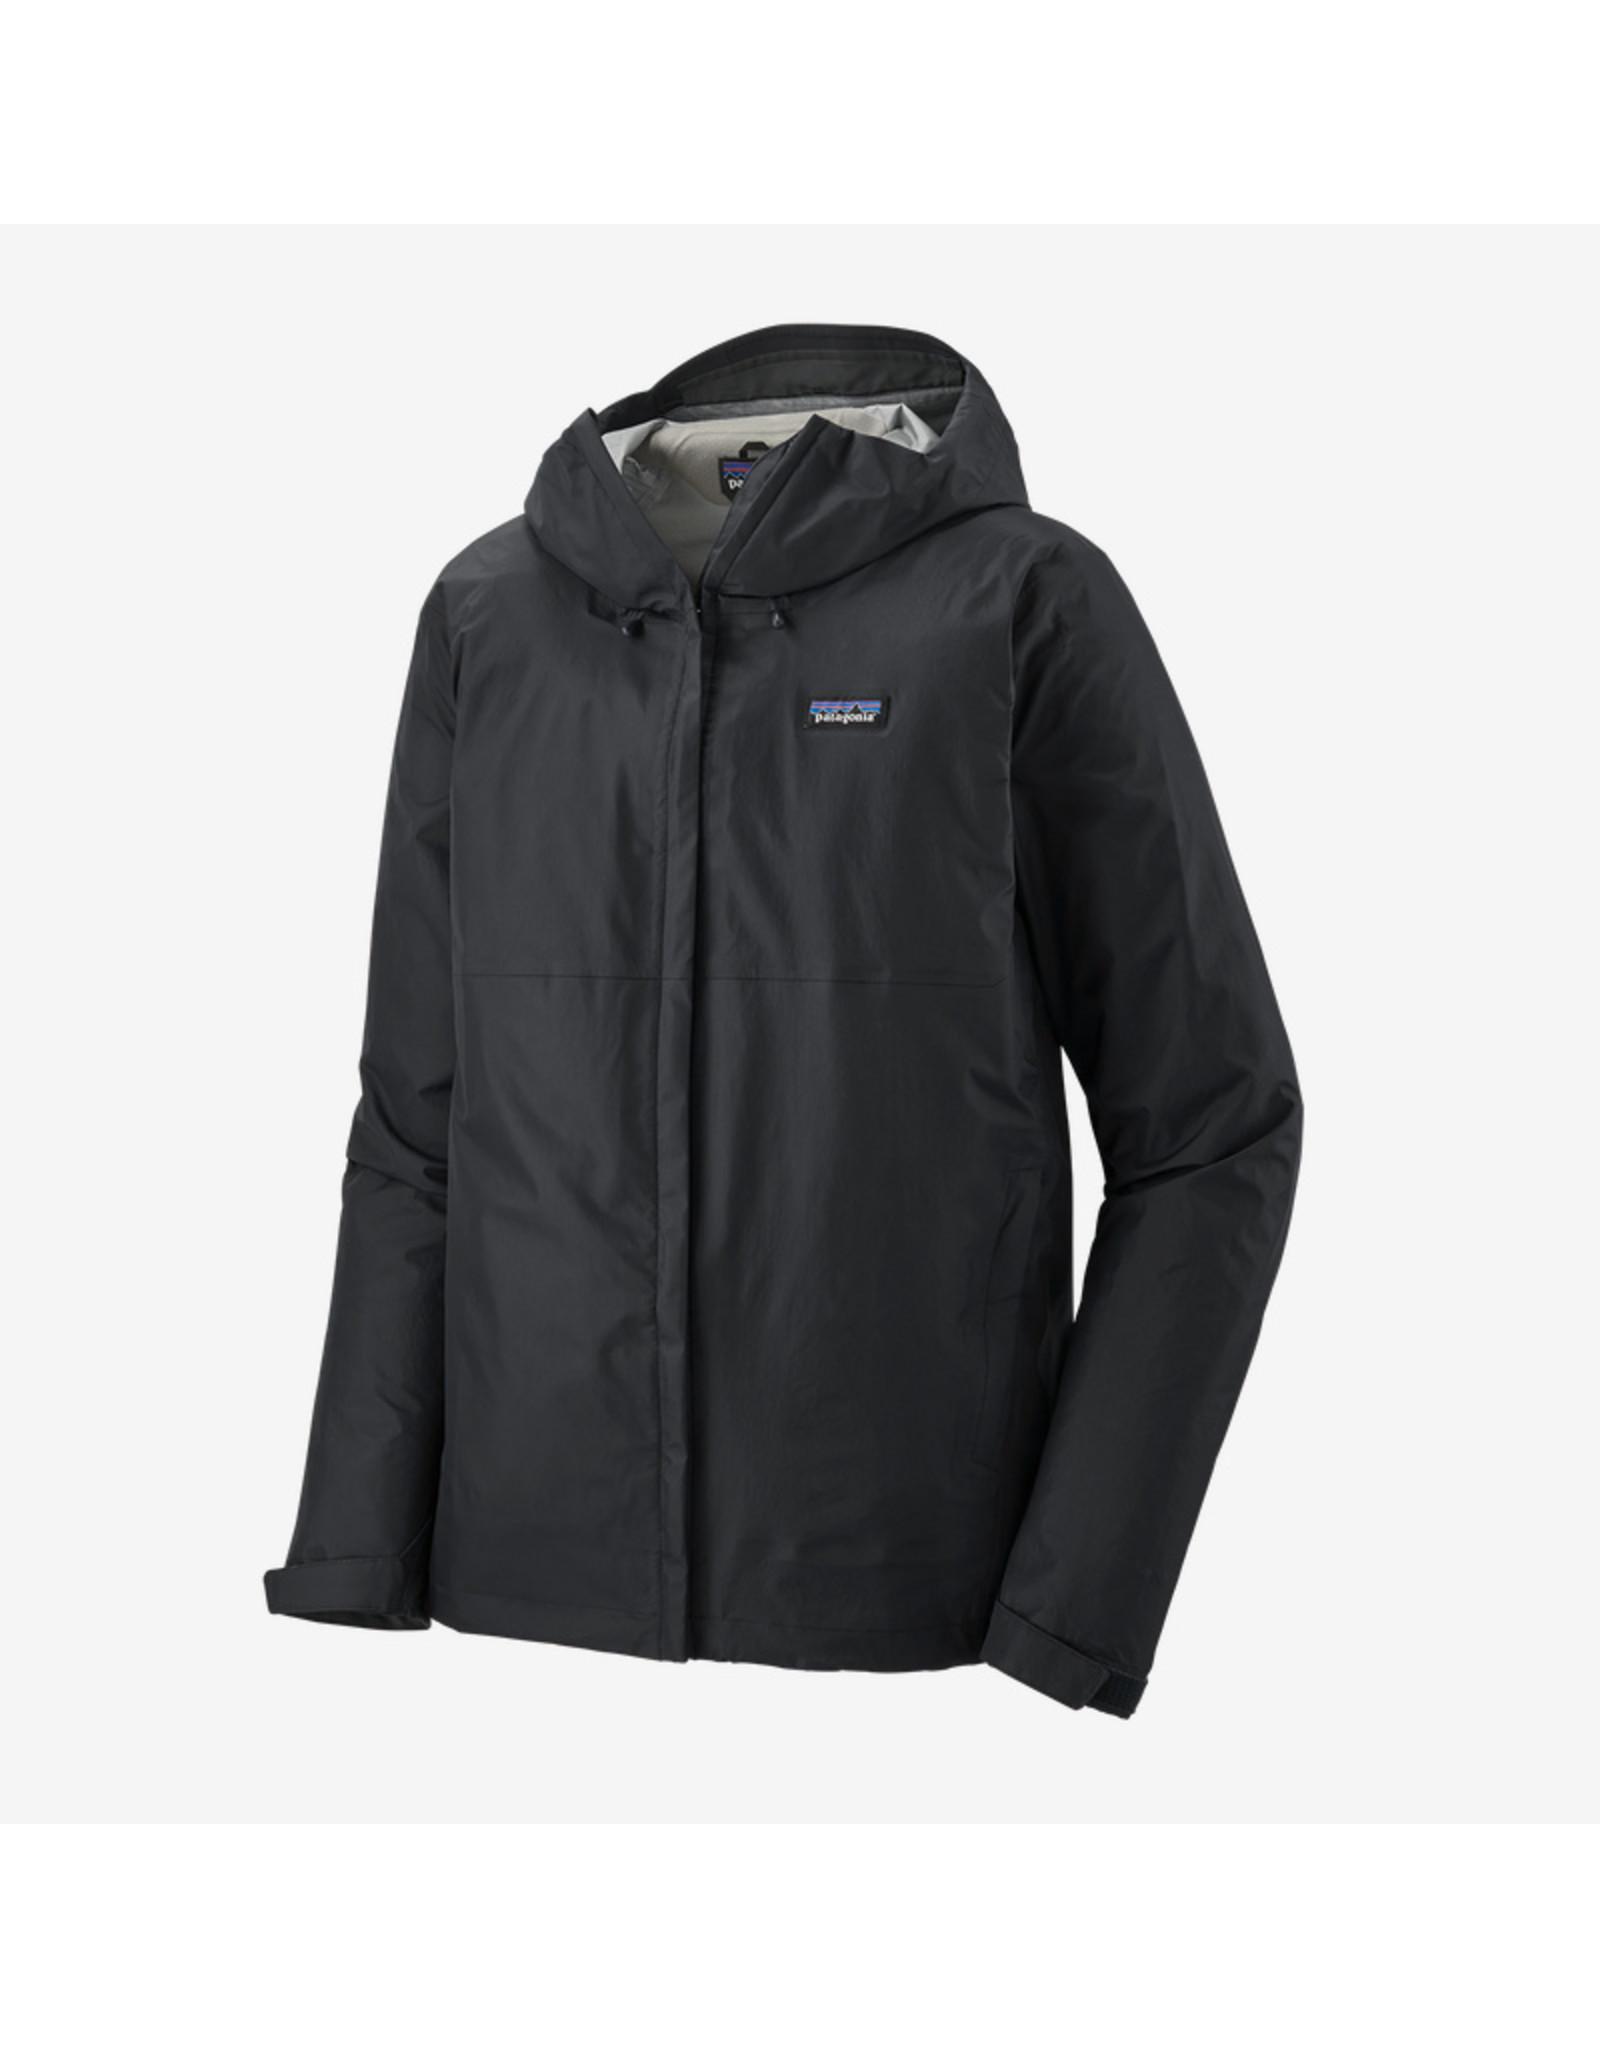 Patagonia Patagonia - Men's Torrentshell 3L Rain Jacket